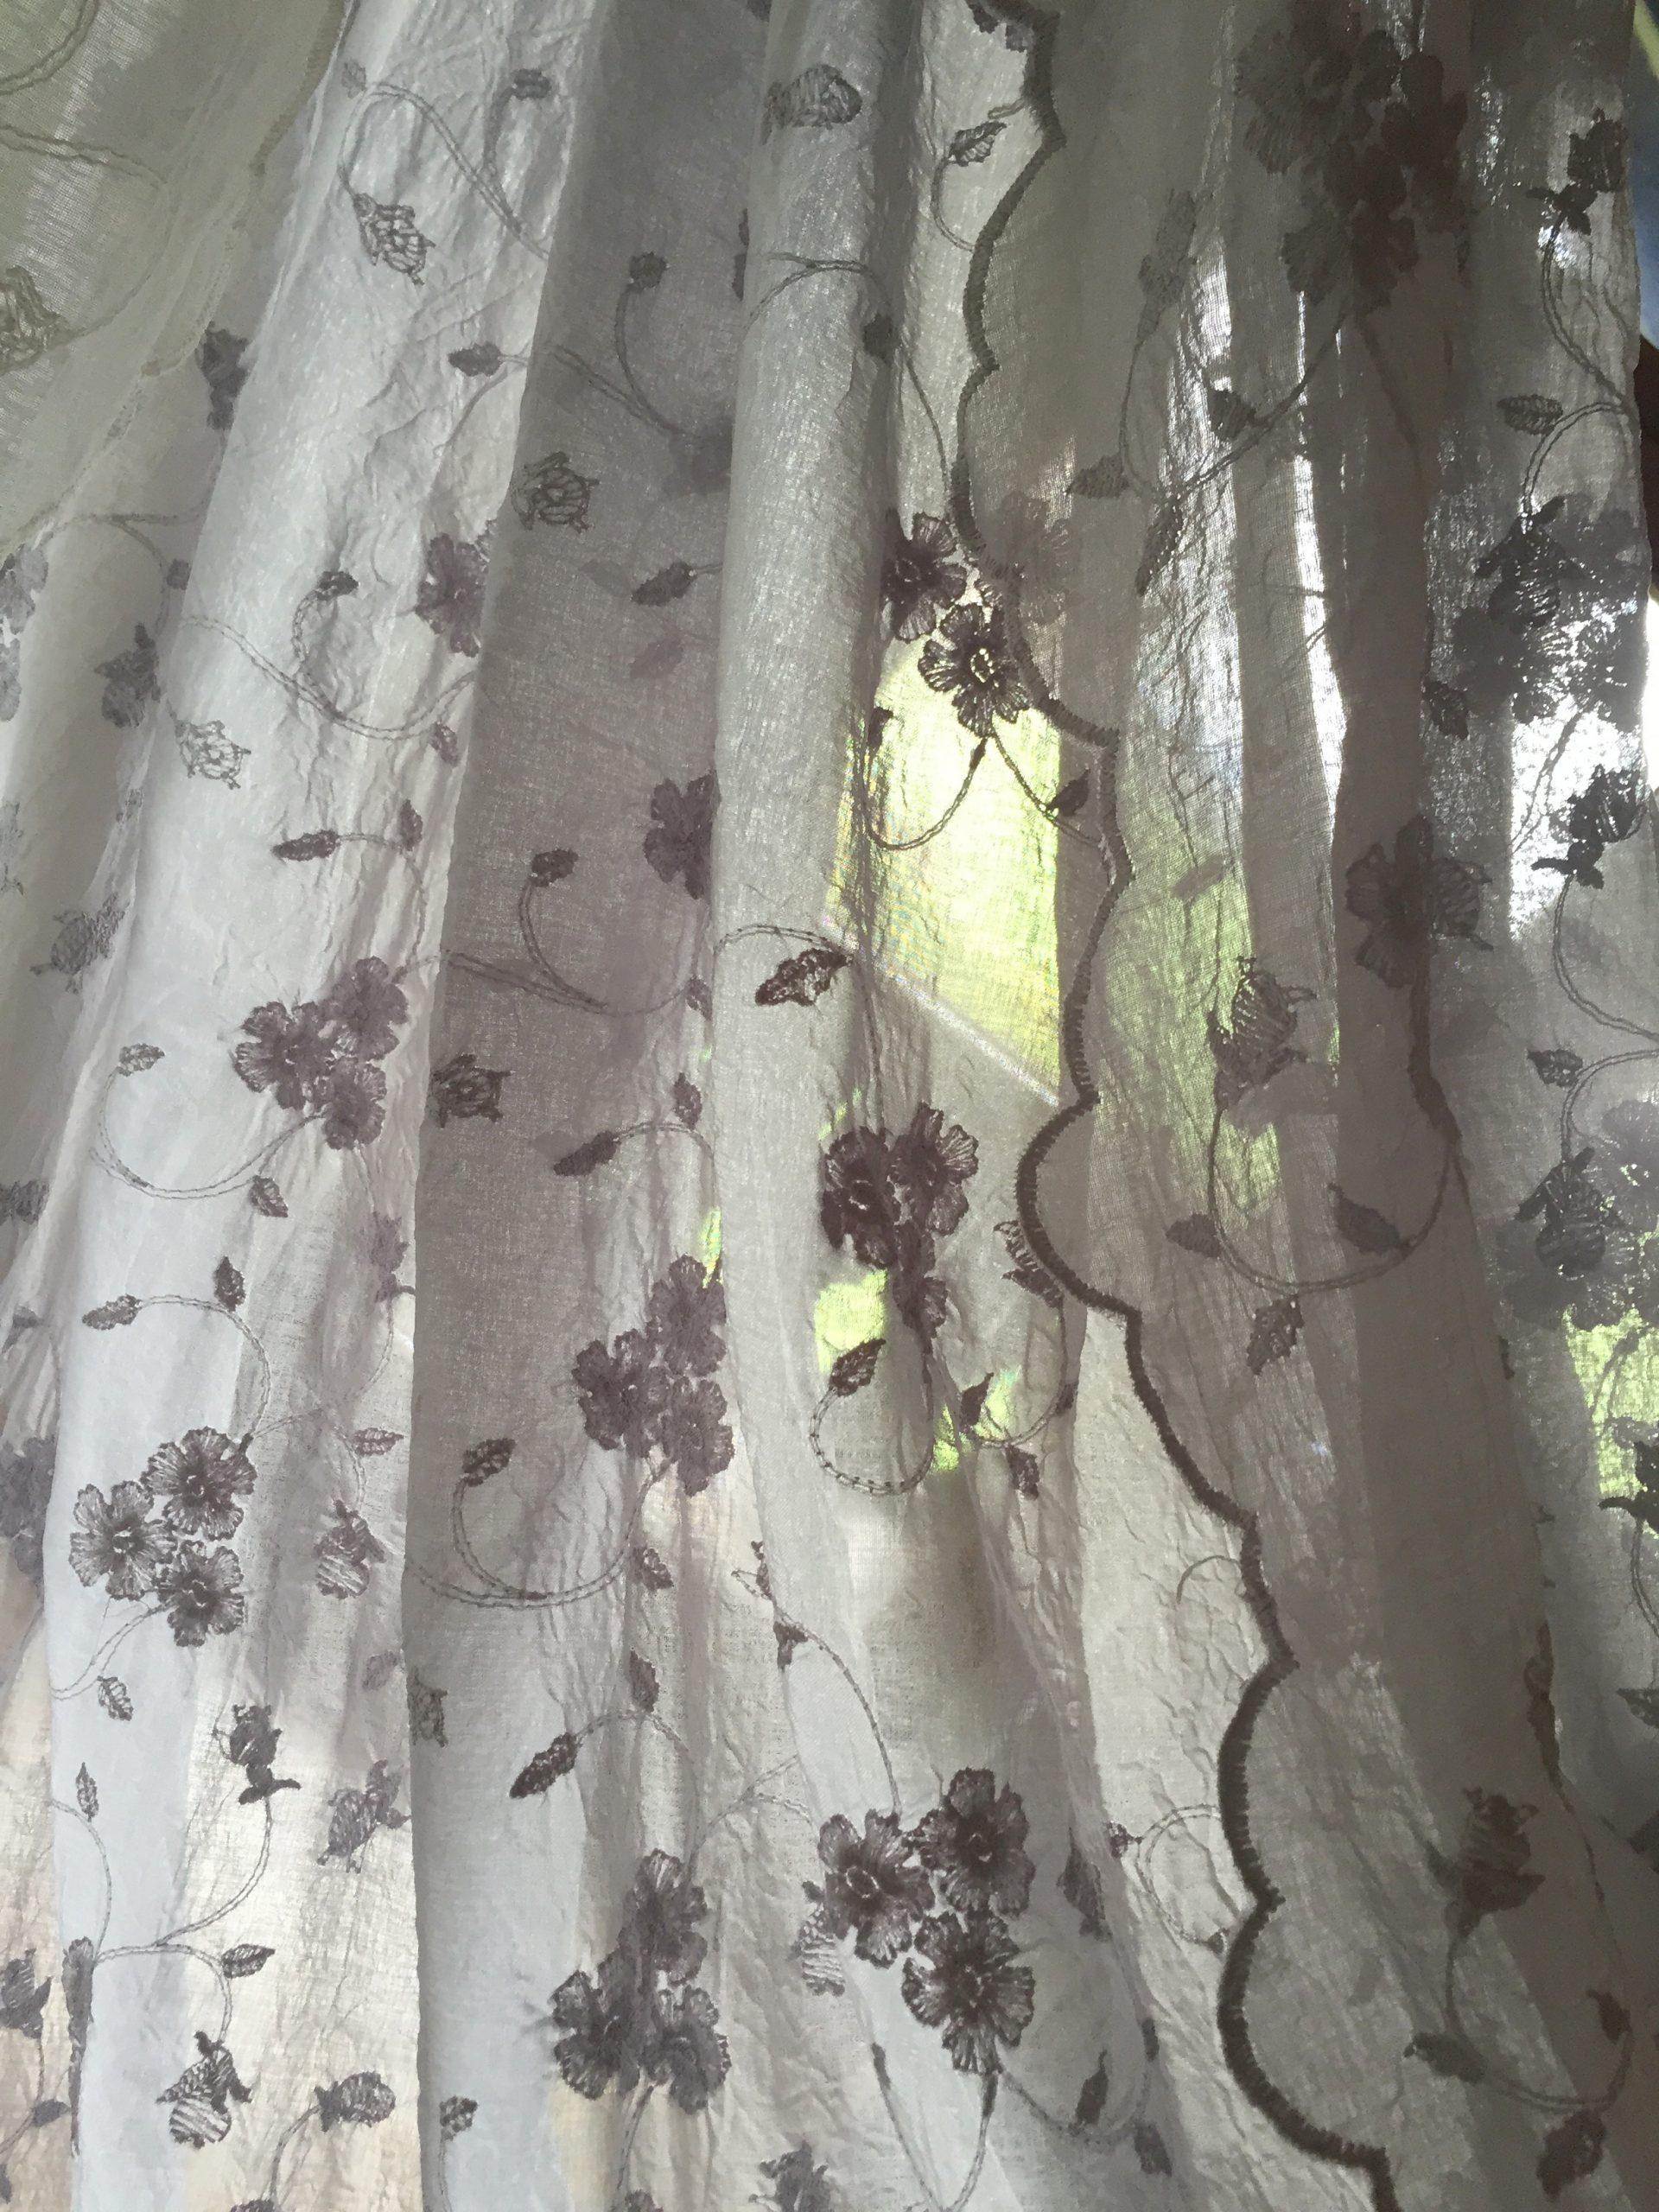 Full Size of Gardinen Landhausstil Schal Lisamarie Bestickt Grau 200x250 Shabby Vintage Sofa Wohnzimmer Schlafzimmer Weiß Für Die Küche Scheibengardinen Betten Regal Wohnzimmer Gardinen Landhausstil